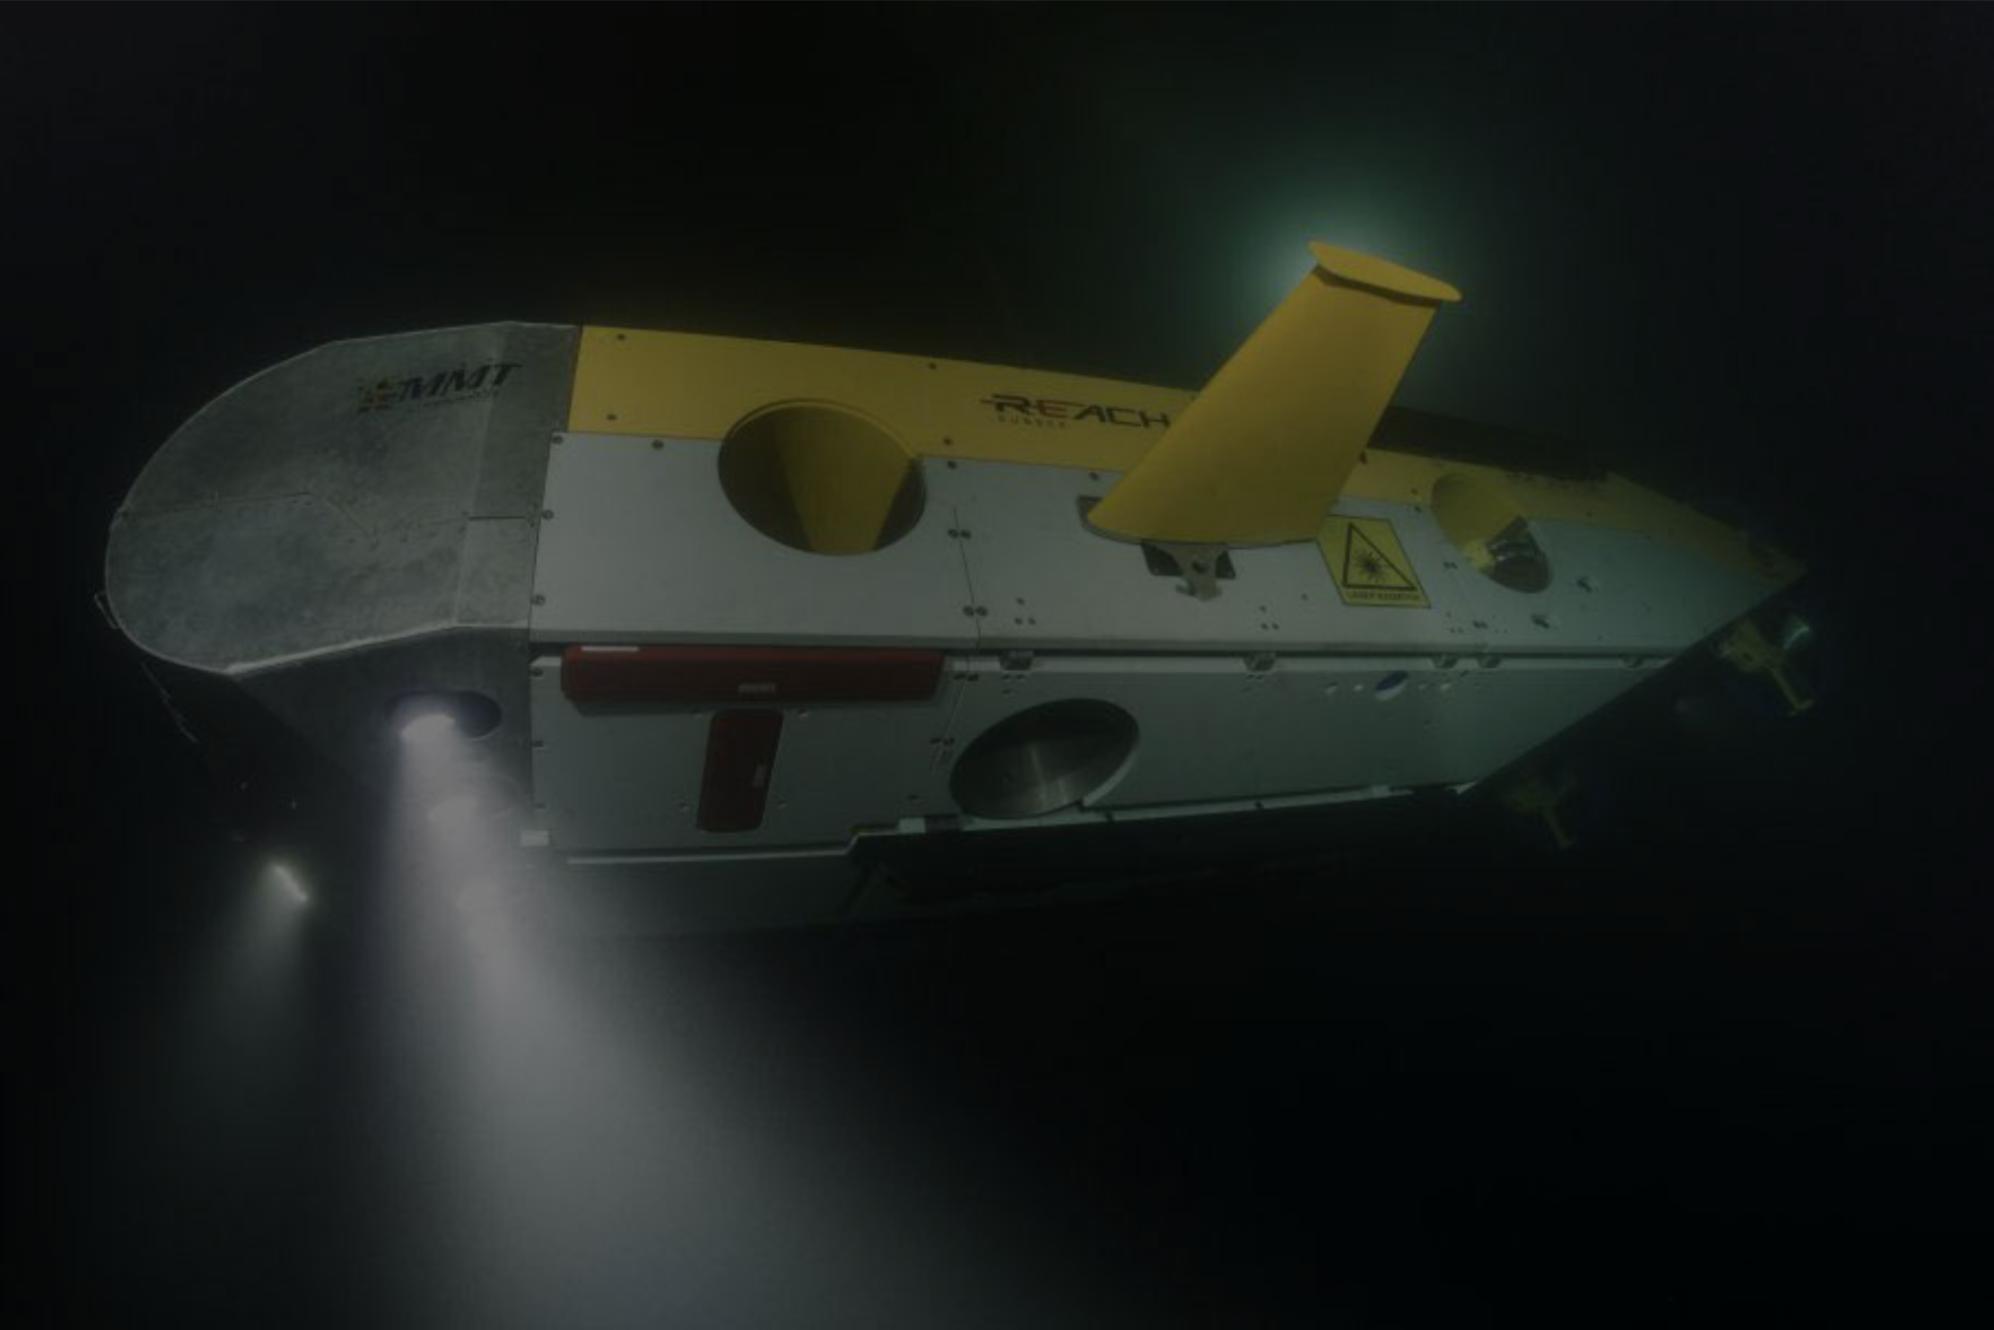 Flyteprodukter - Vi tilbyr en rekke ulike graderinger for hver dybde og krav ned til store dyp.